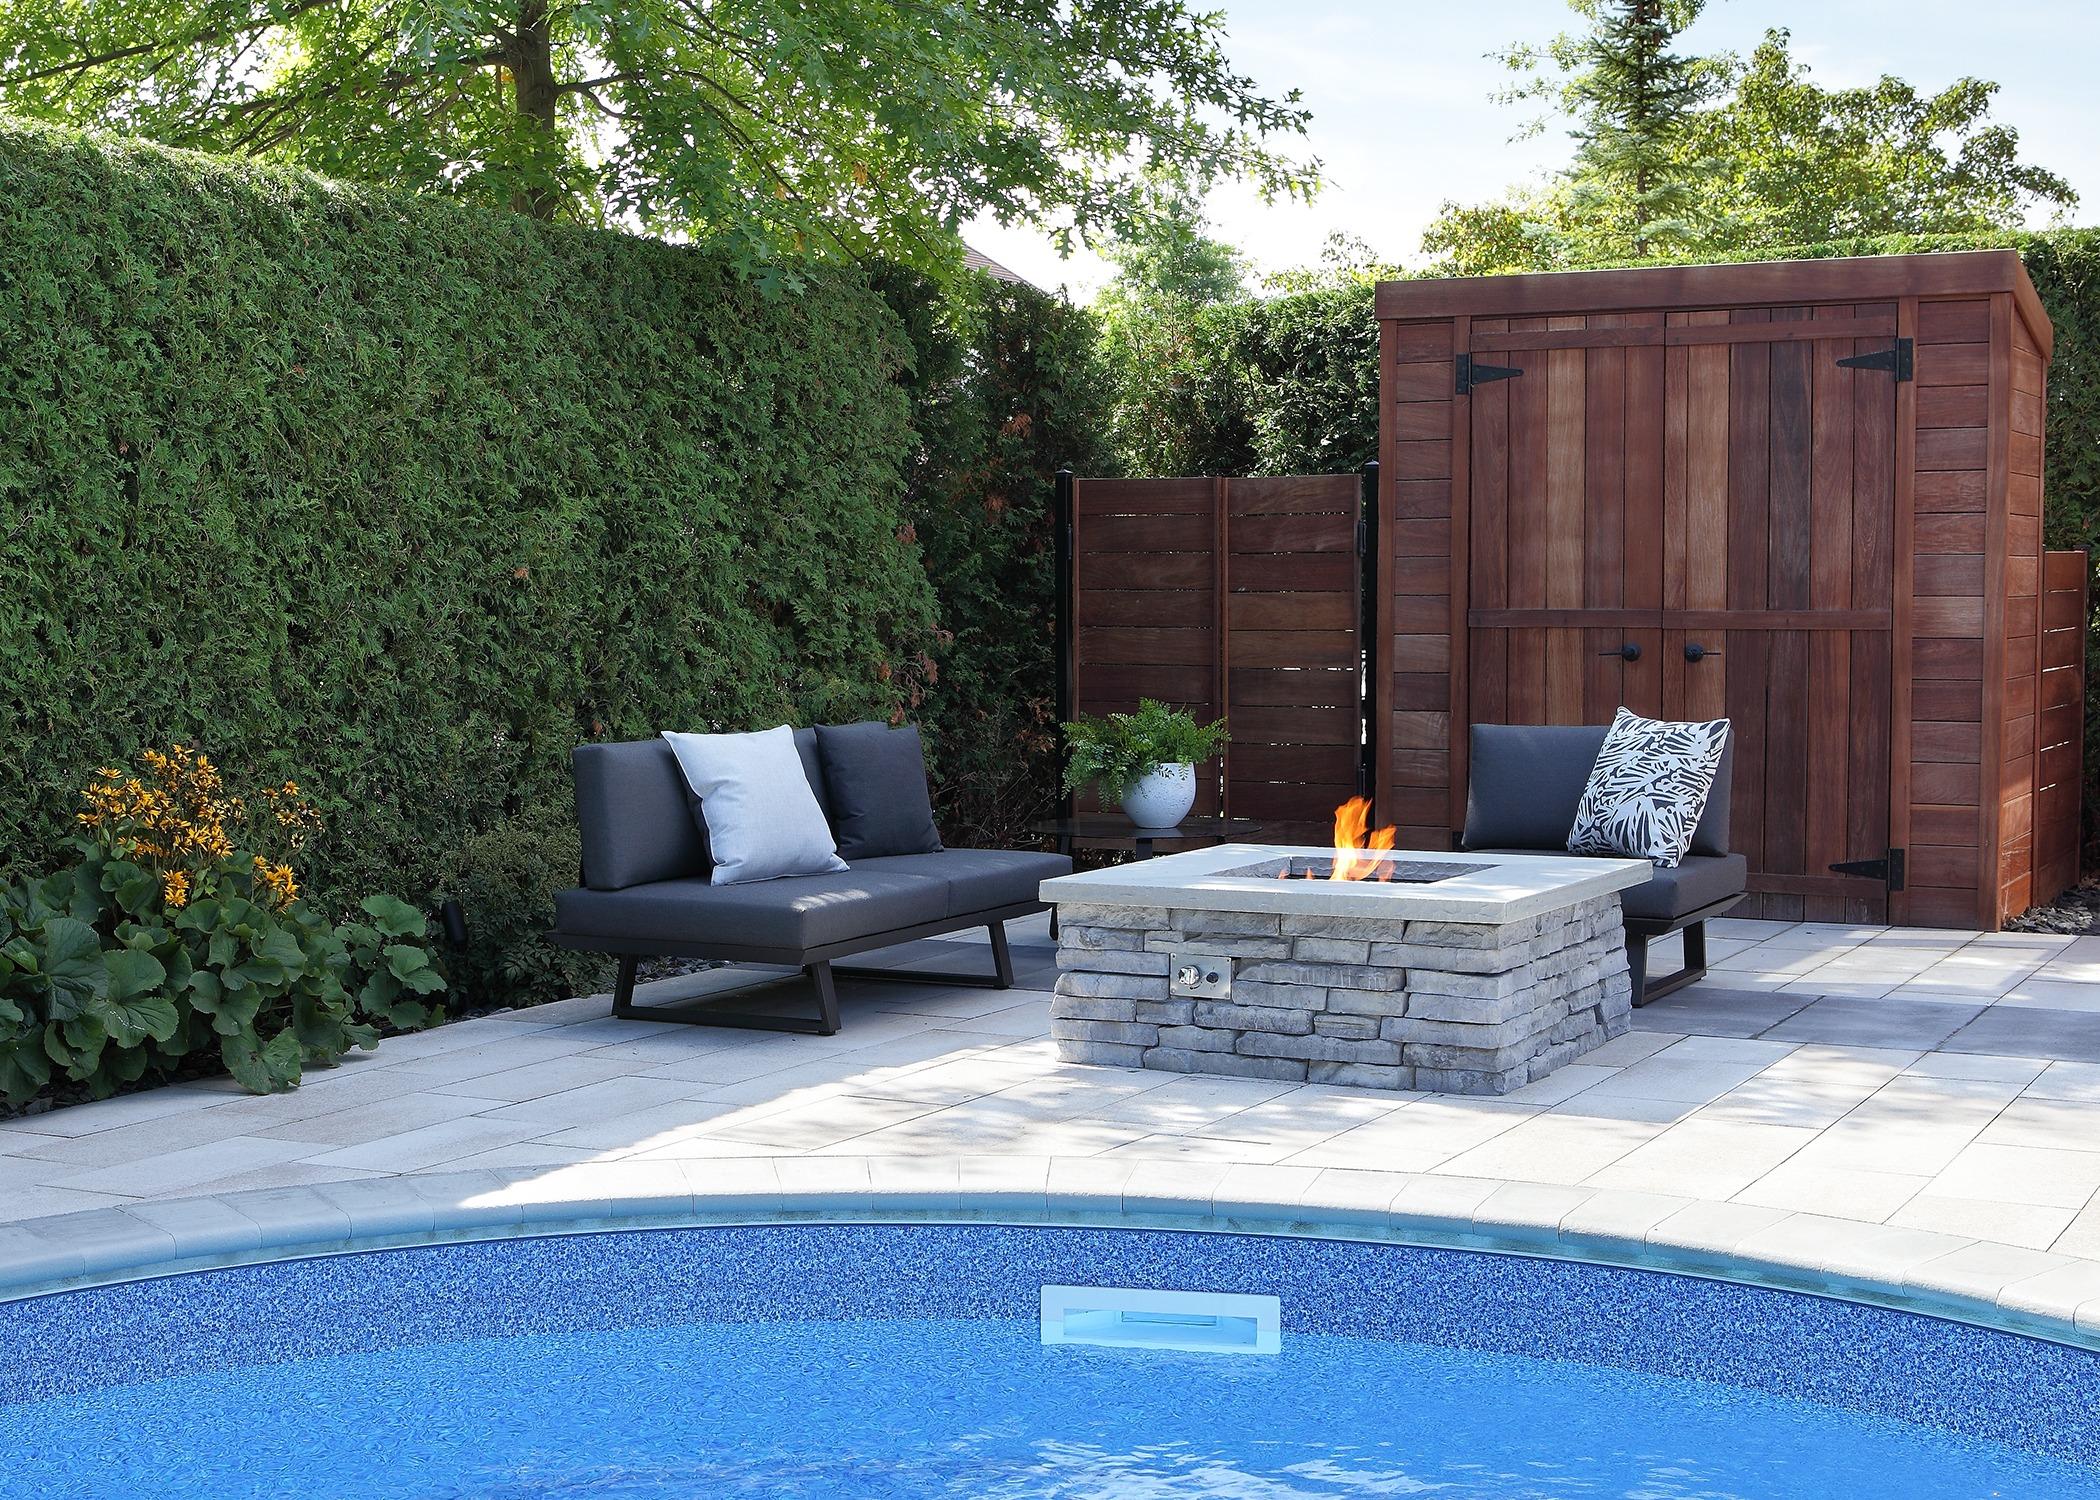 Espace foyer au bord d'une piscine avec cabanon de bois